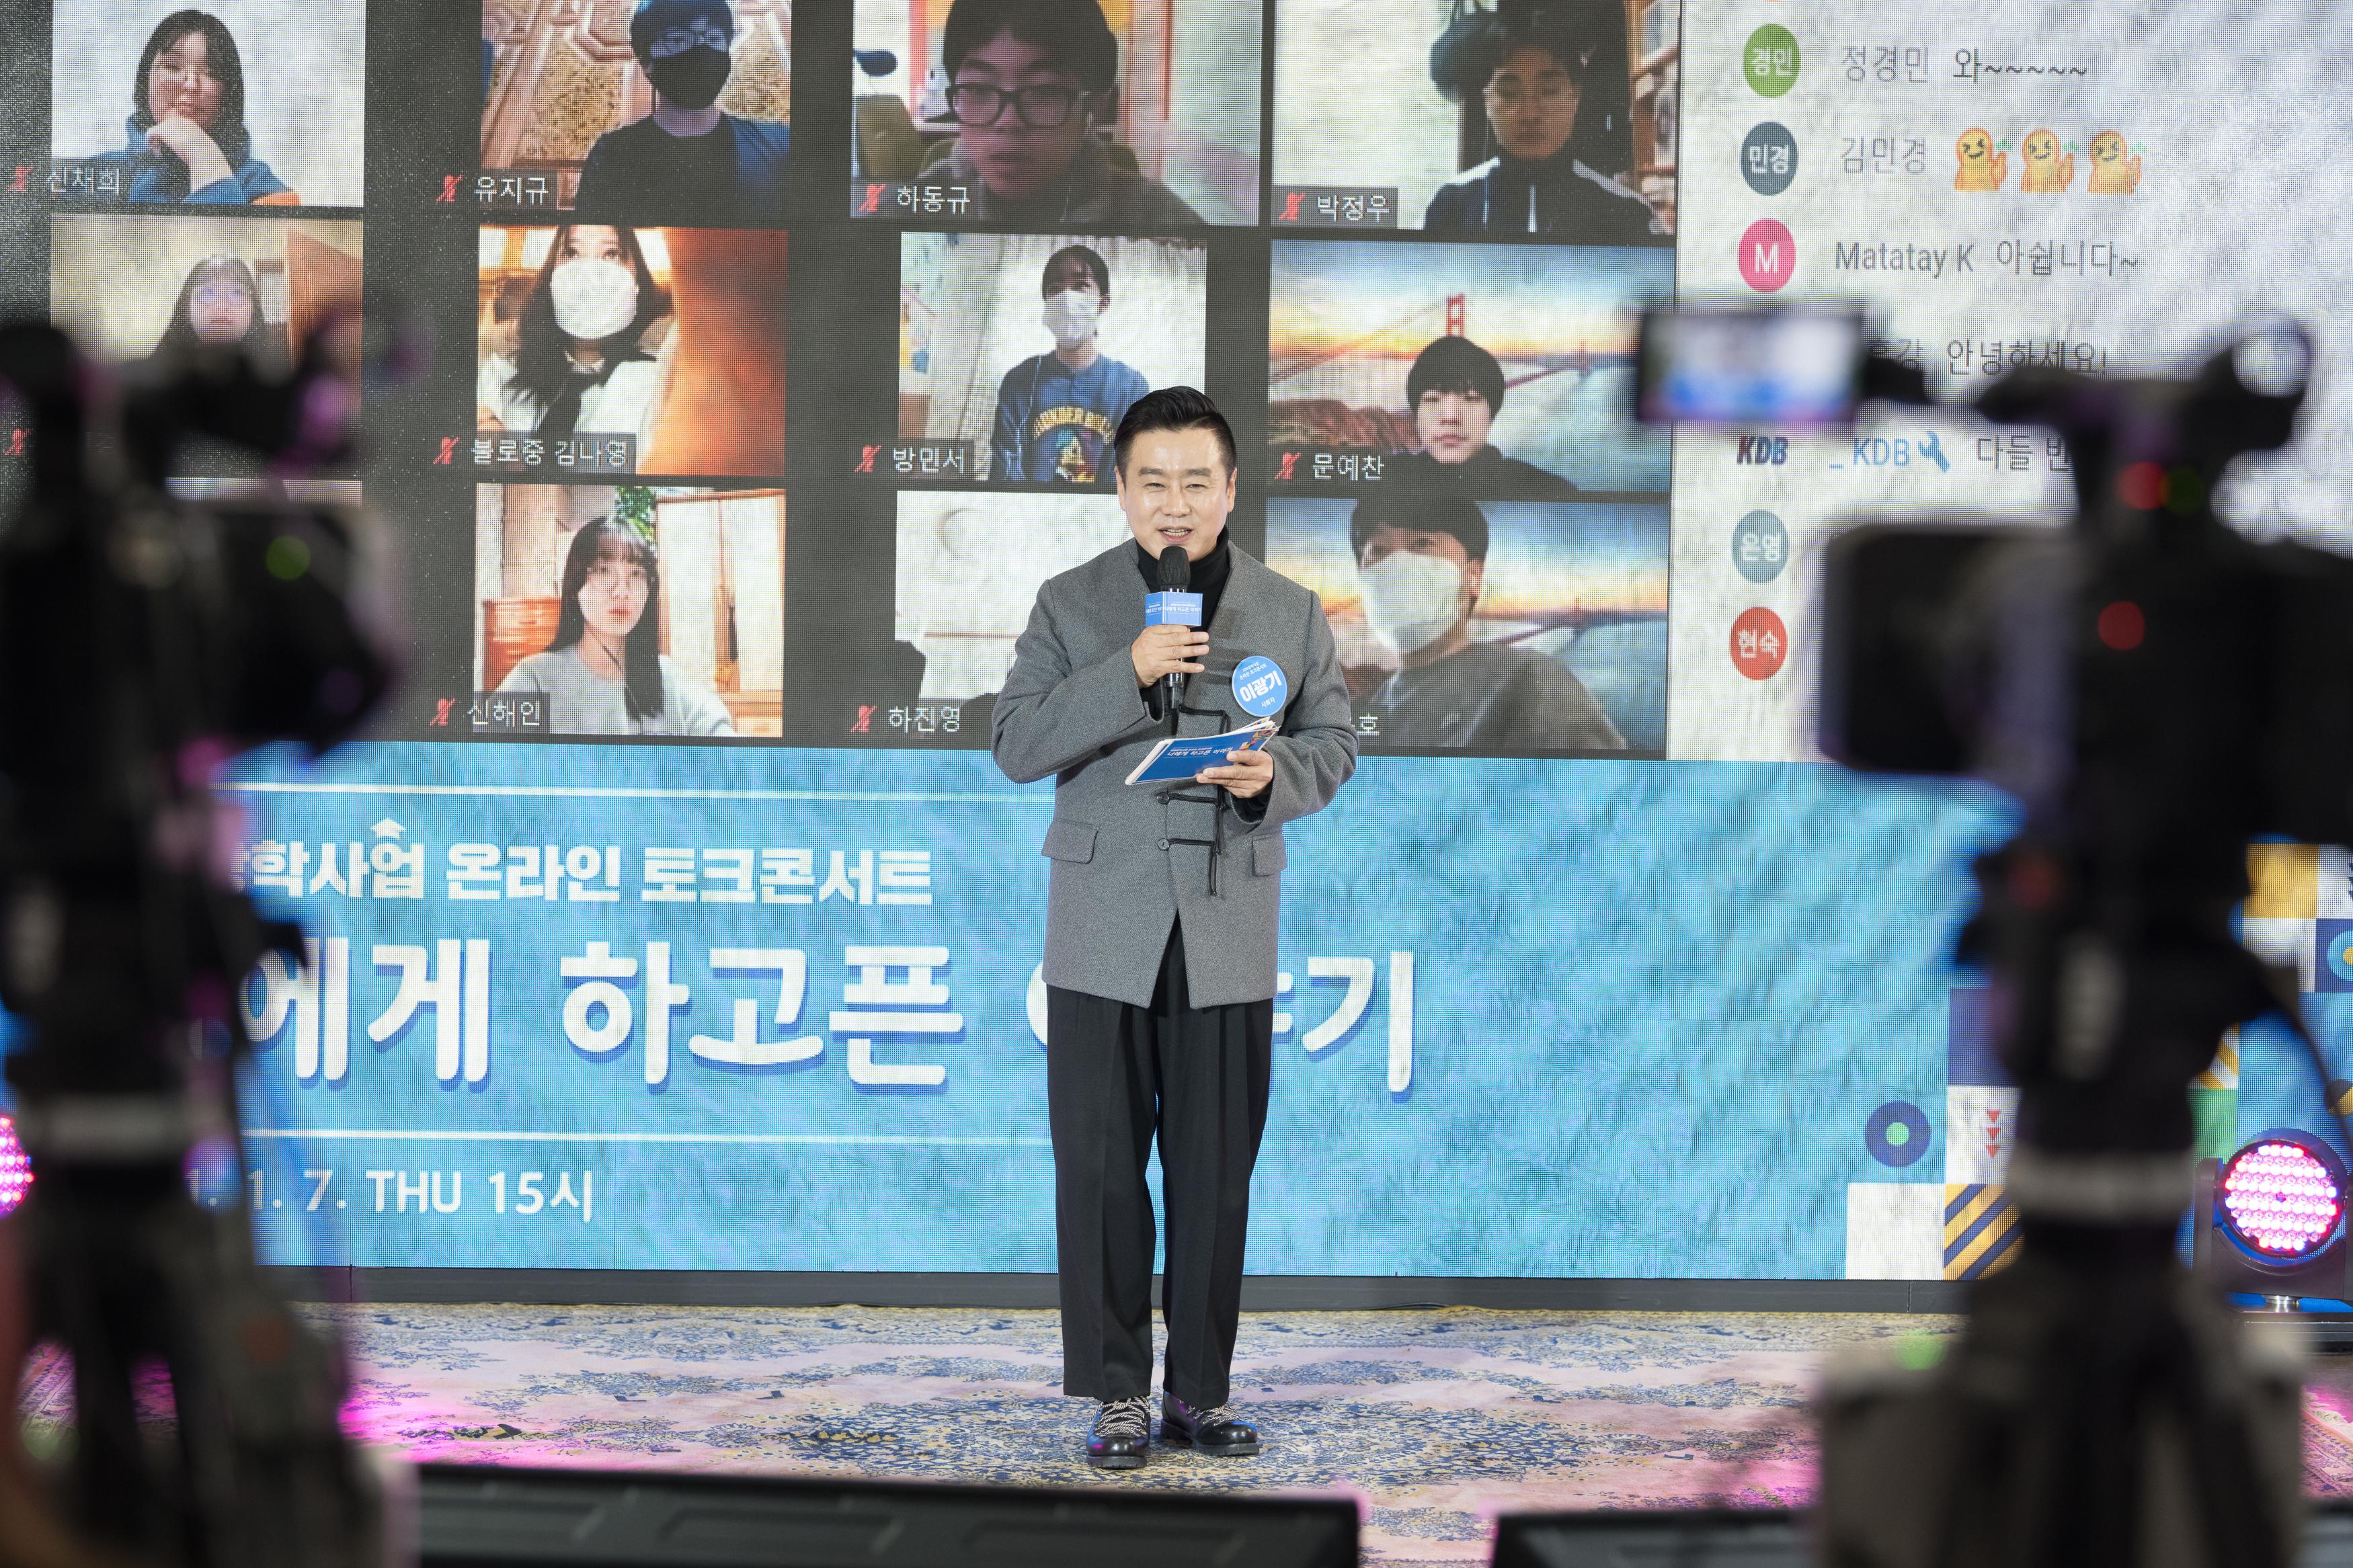 KDB장학사업 온라인 토크콘서트-너에게 하고픈 이야기_이광기 (5).jpg